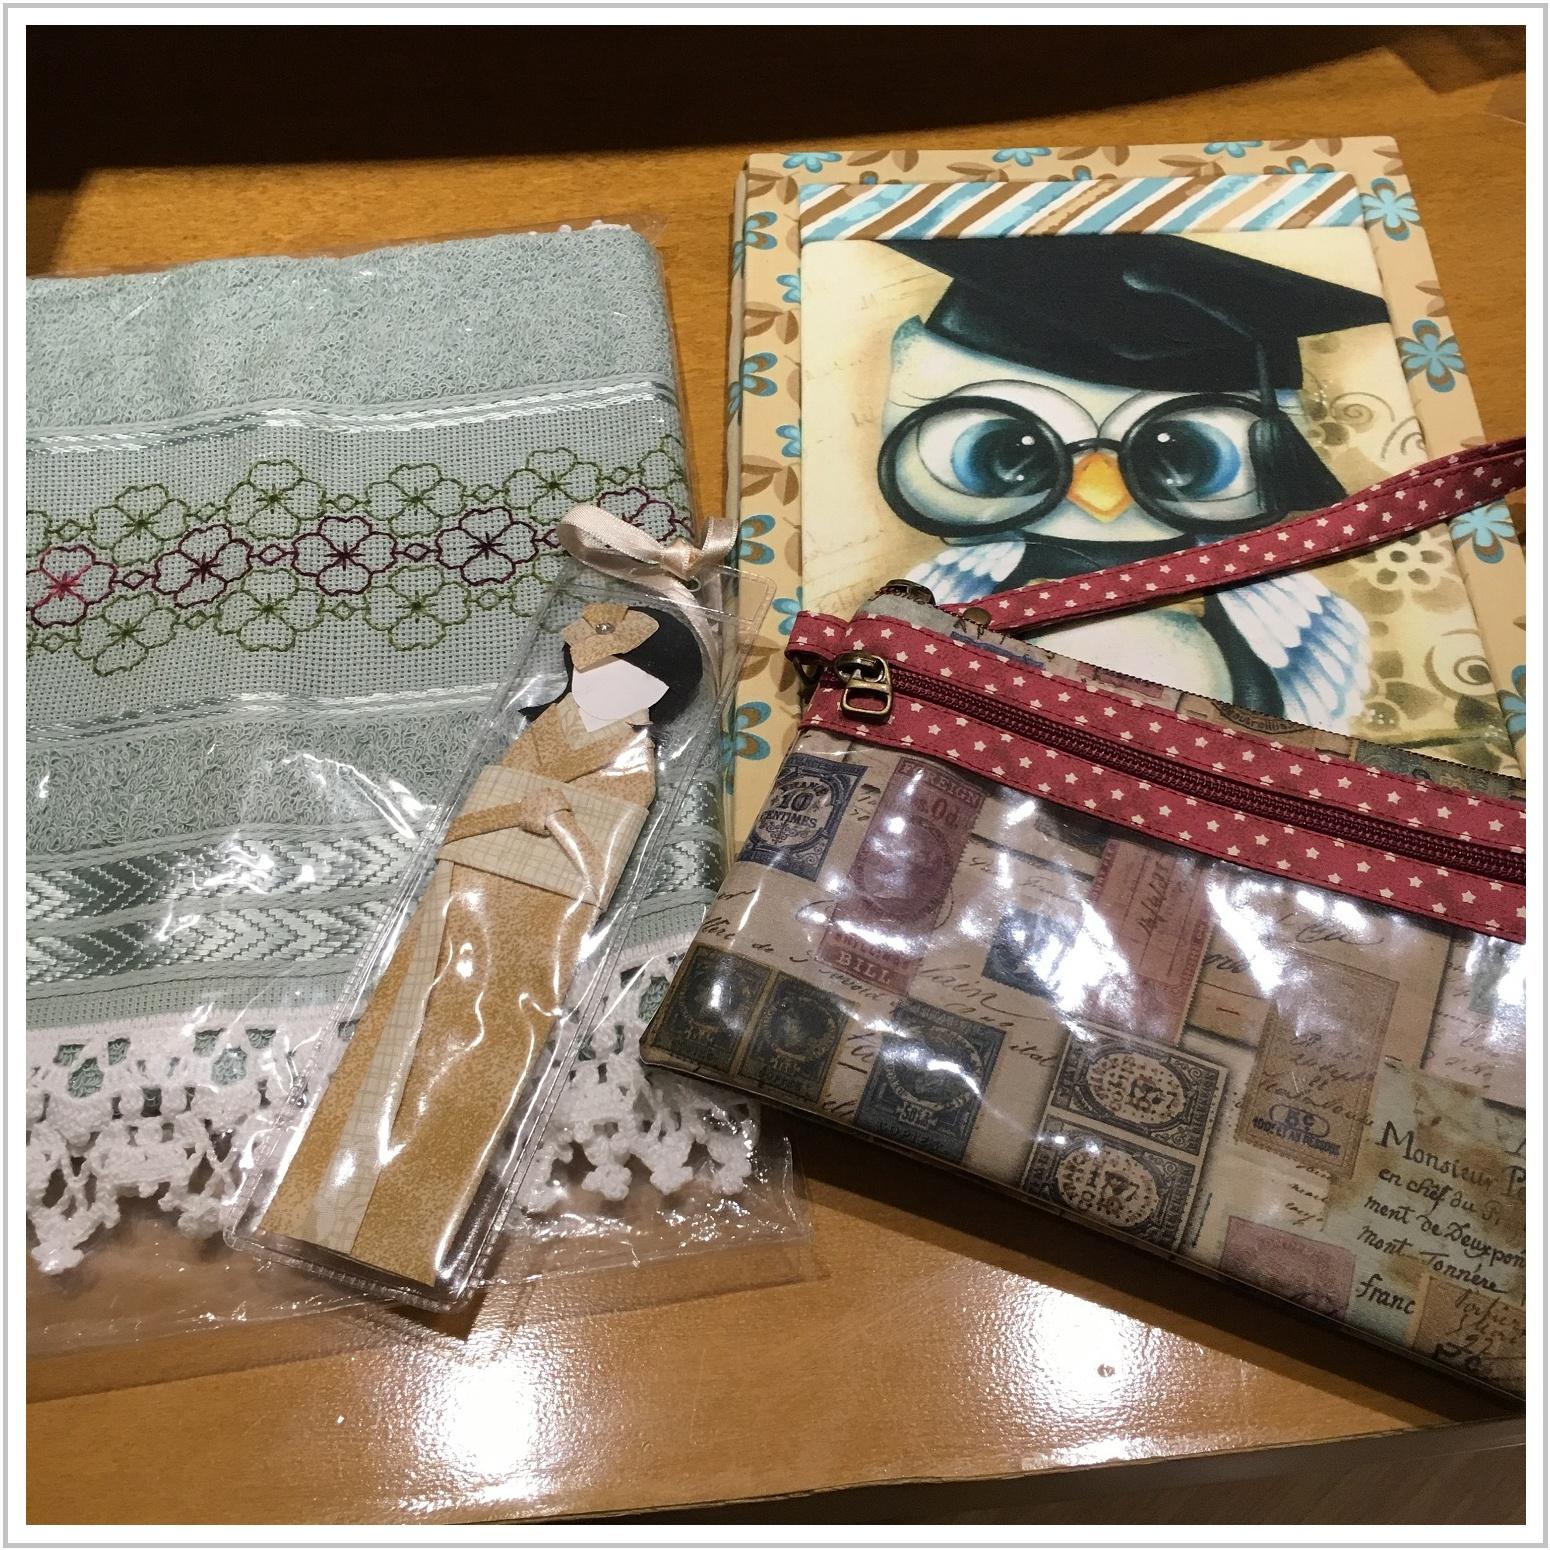 itadakimono_3_918.jpg